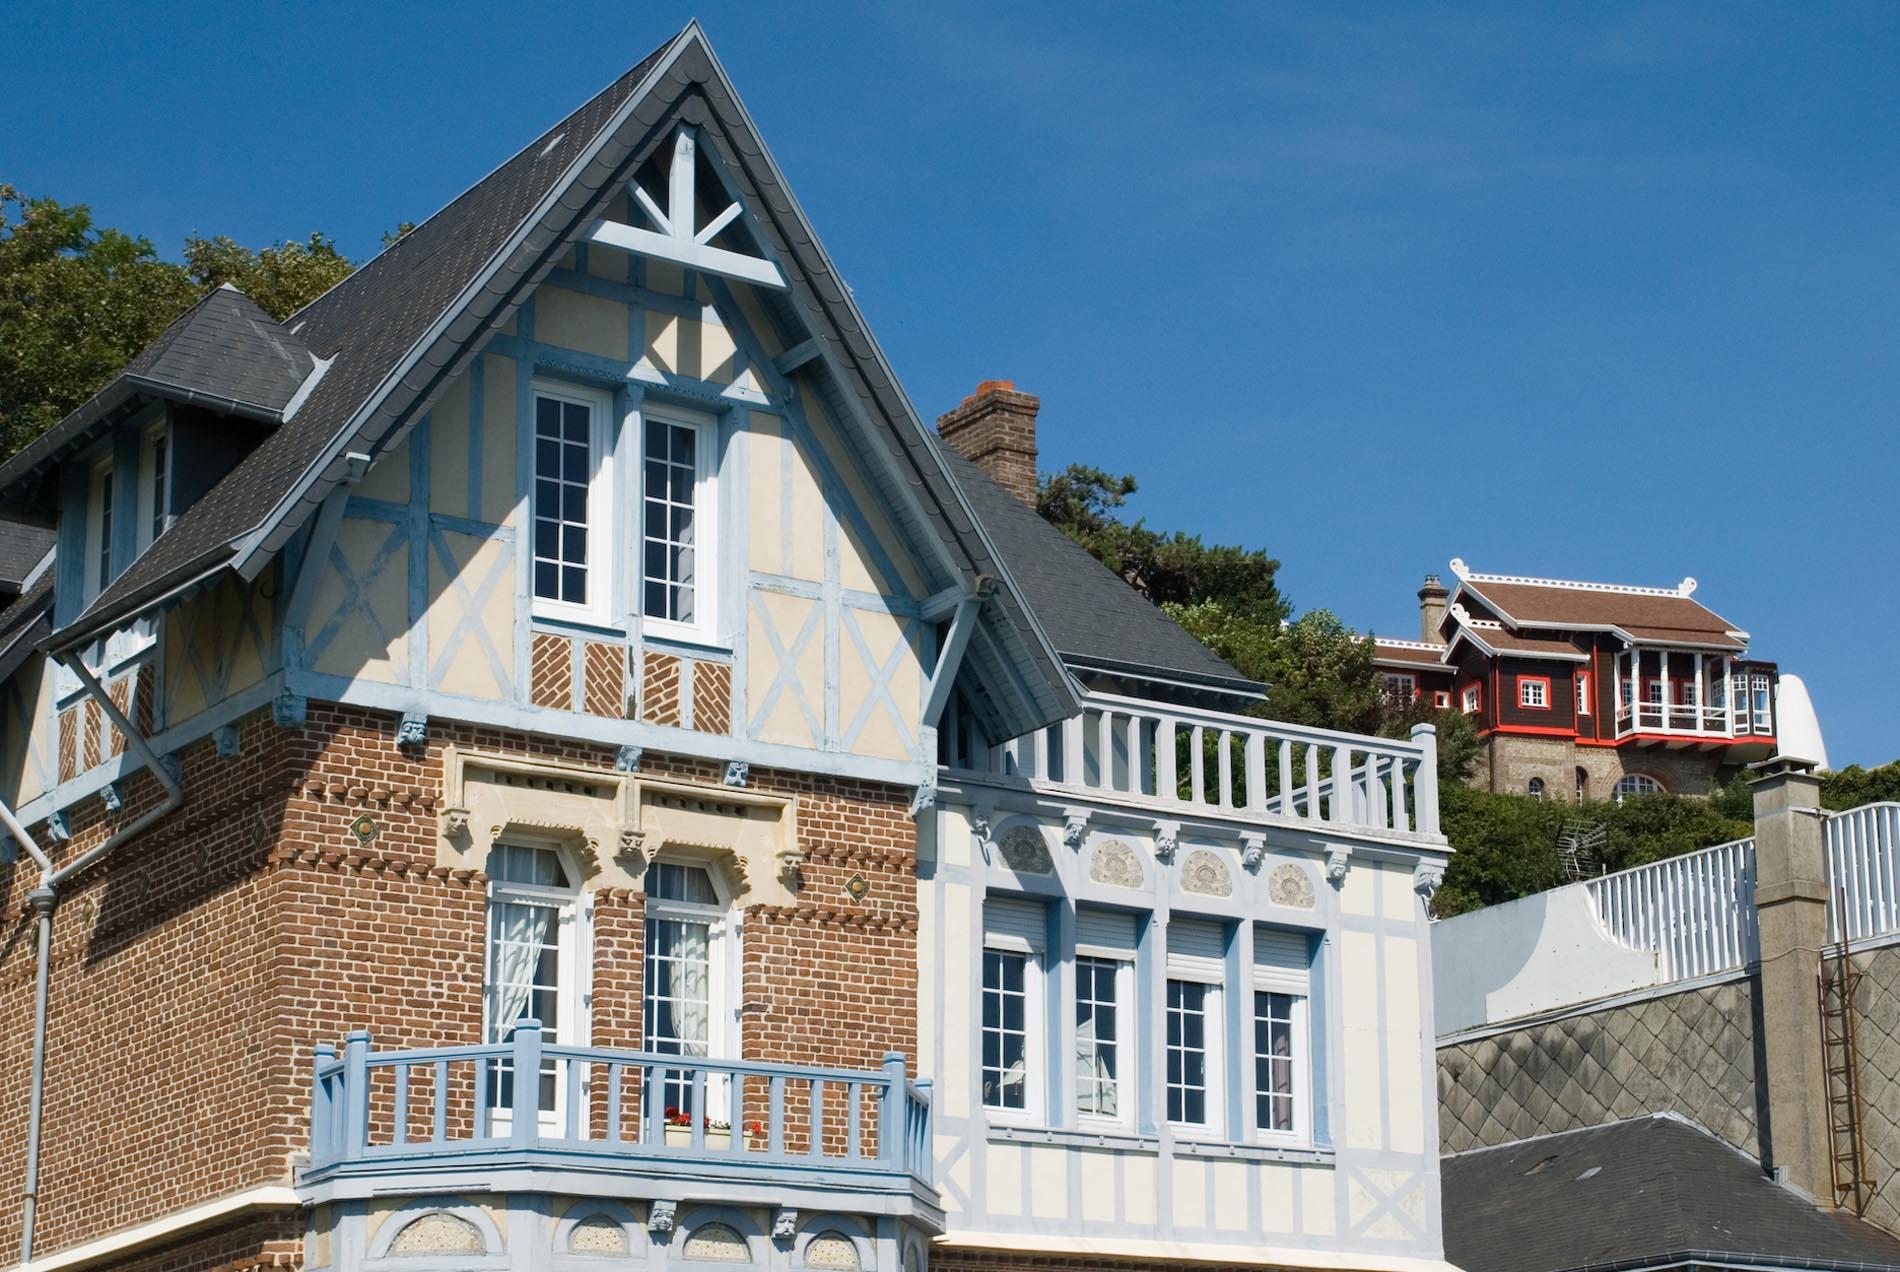 Sainte-Adresse.  Hängt auf einer Klippe hoch über der Seine-Mündung. Wegen der Südausrichtung des Strandes wird der kleine französische Badeort auch das Nizza von Le Havre genannt.